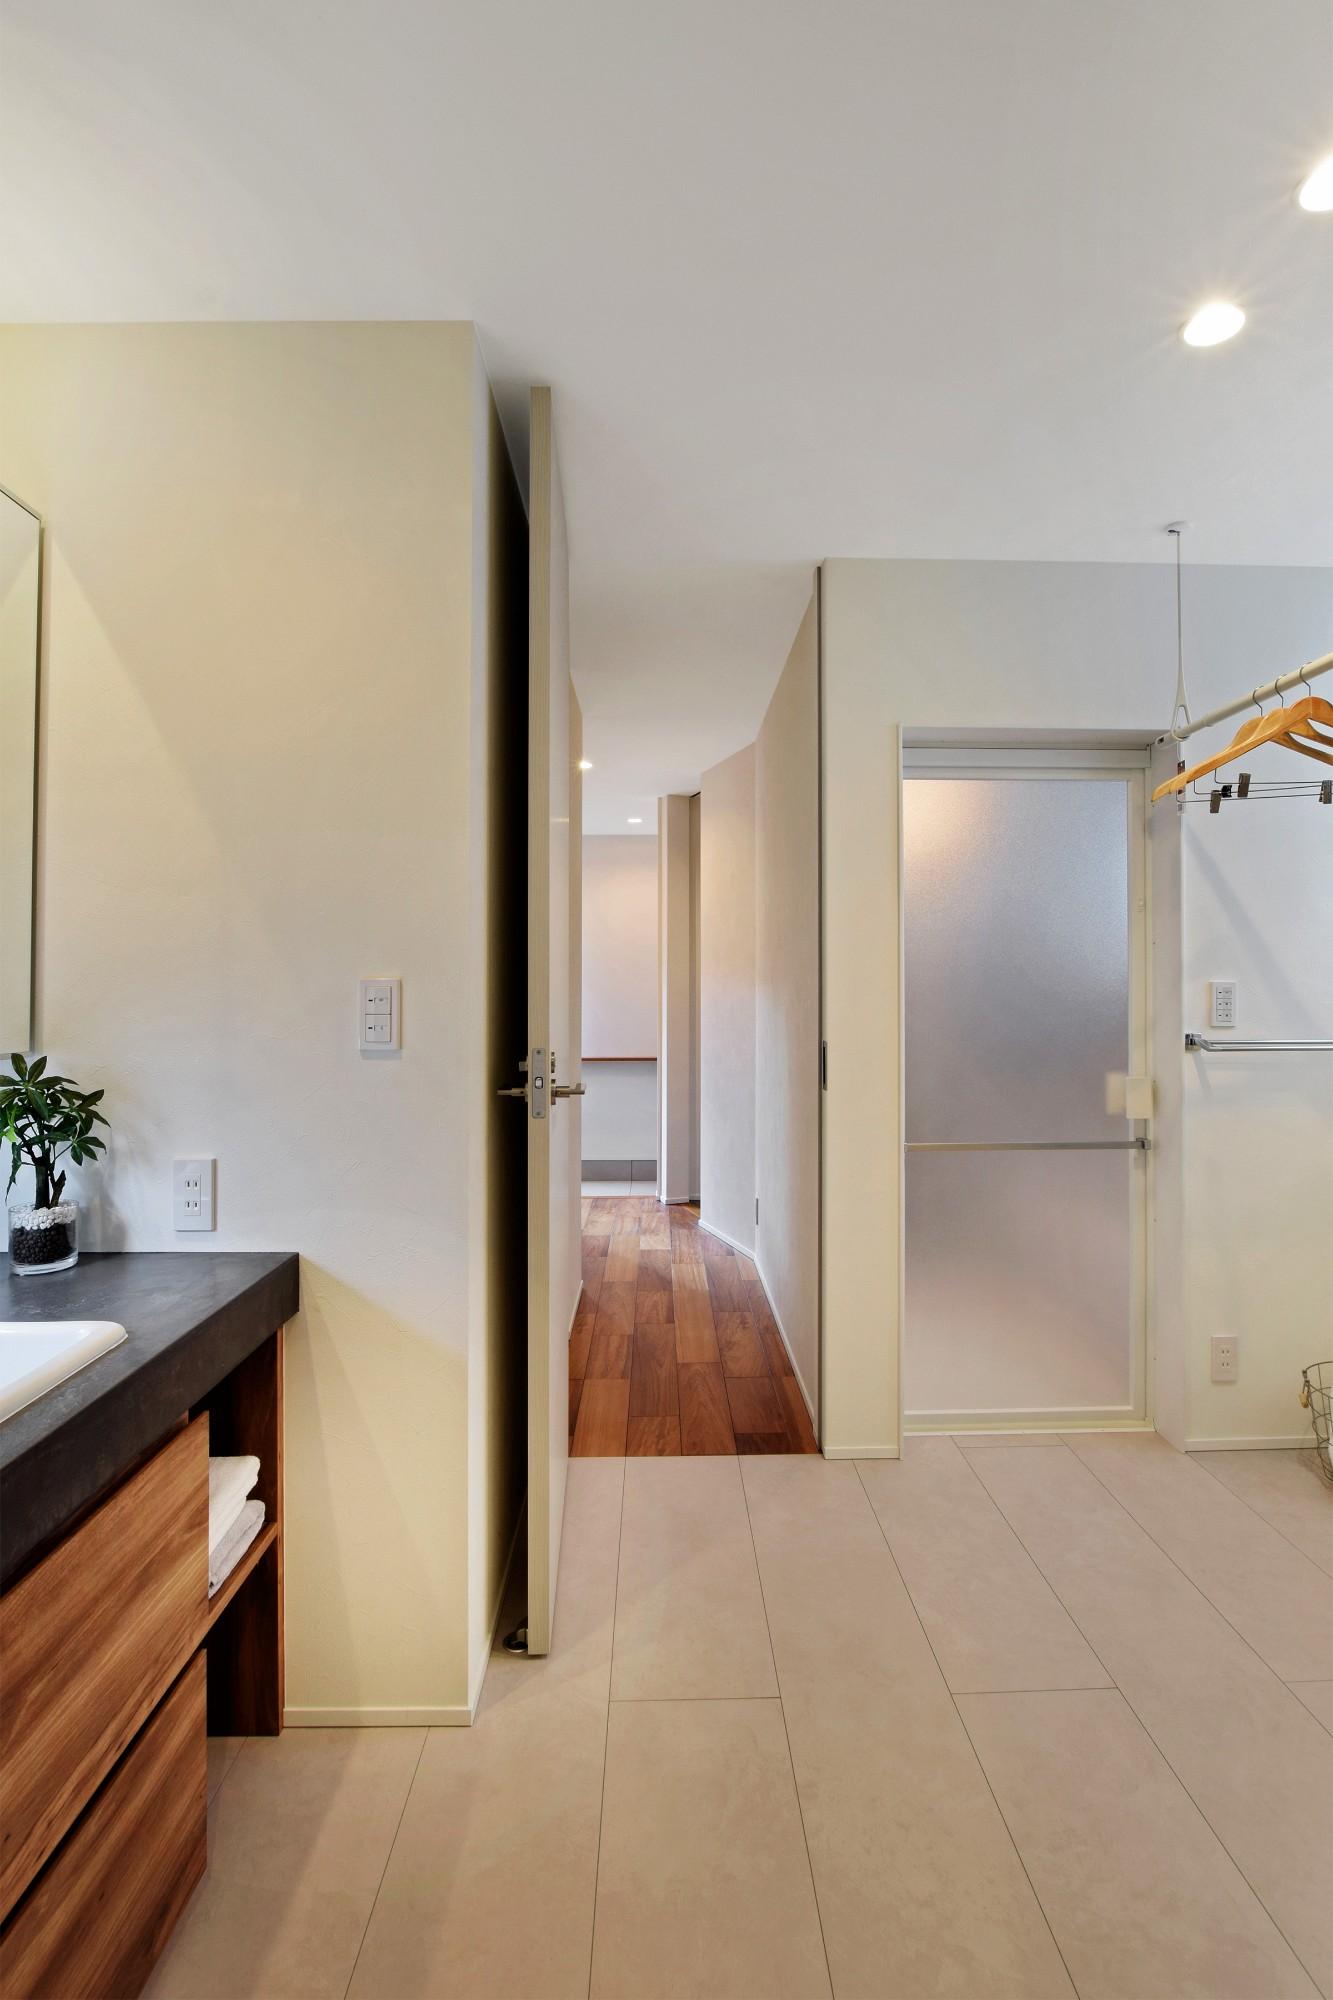 DETAIL HOME(ディテールホーム)「モールテックスキッチンとインテリアにこだわった住まい」のシンプル・ナチュラルな洗面所・脱衣所の実例写真